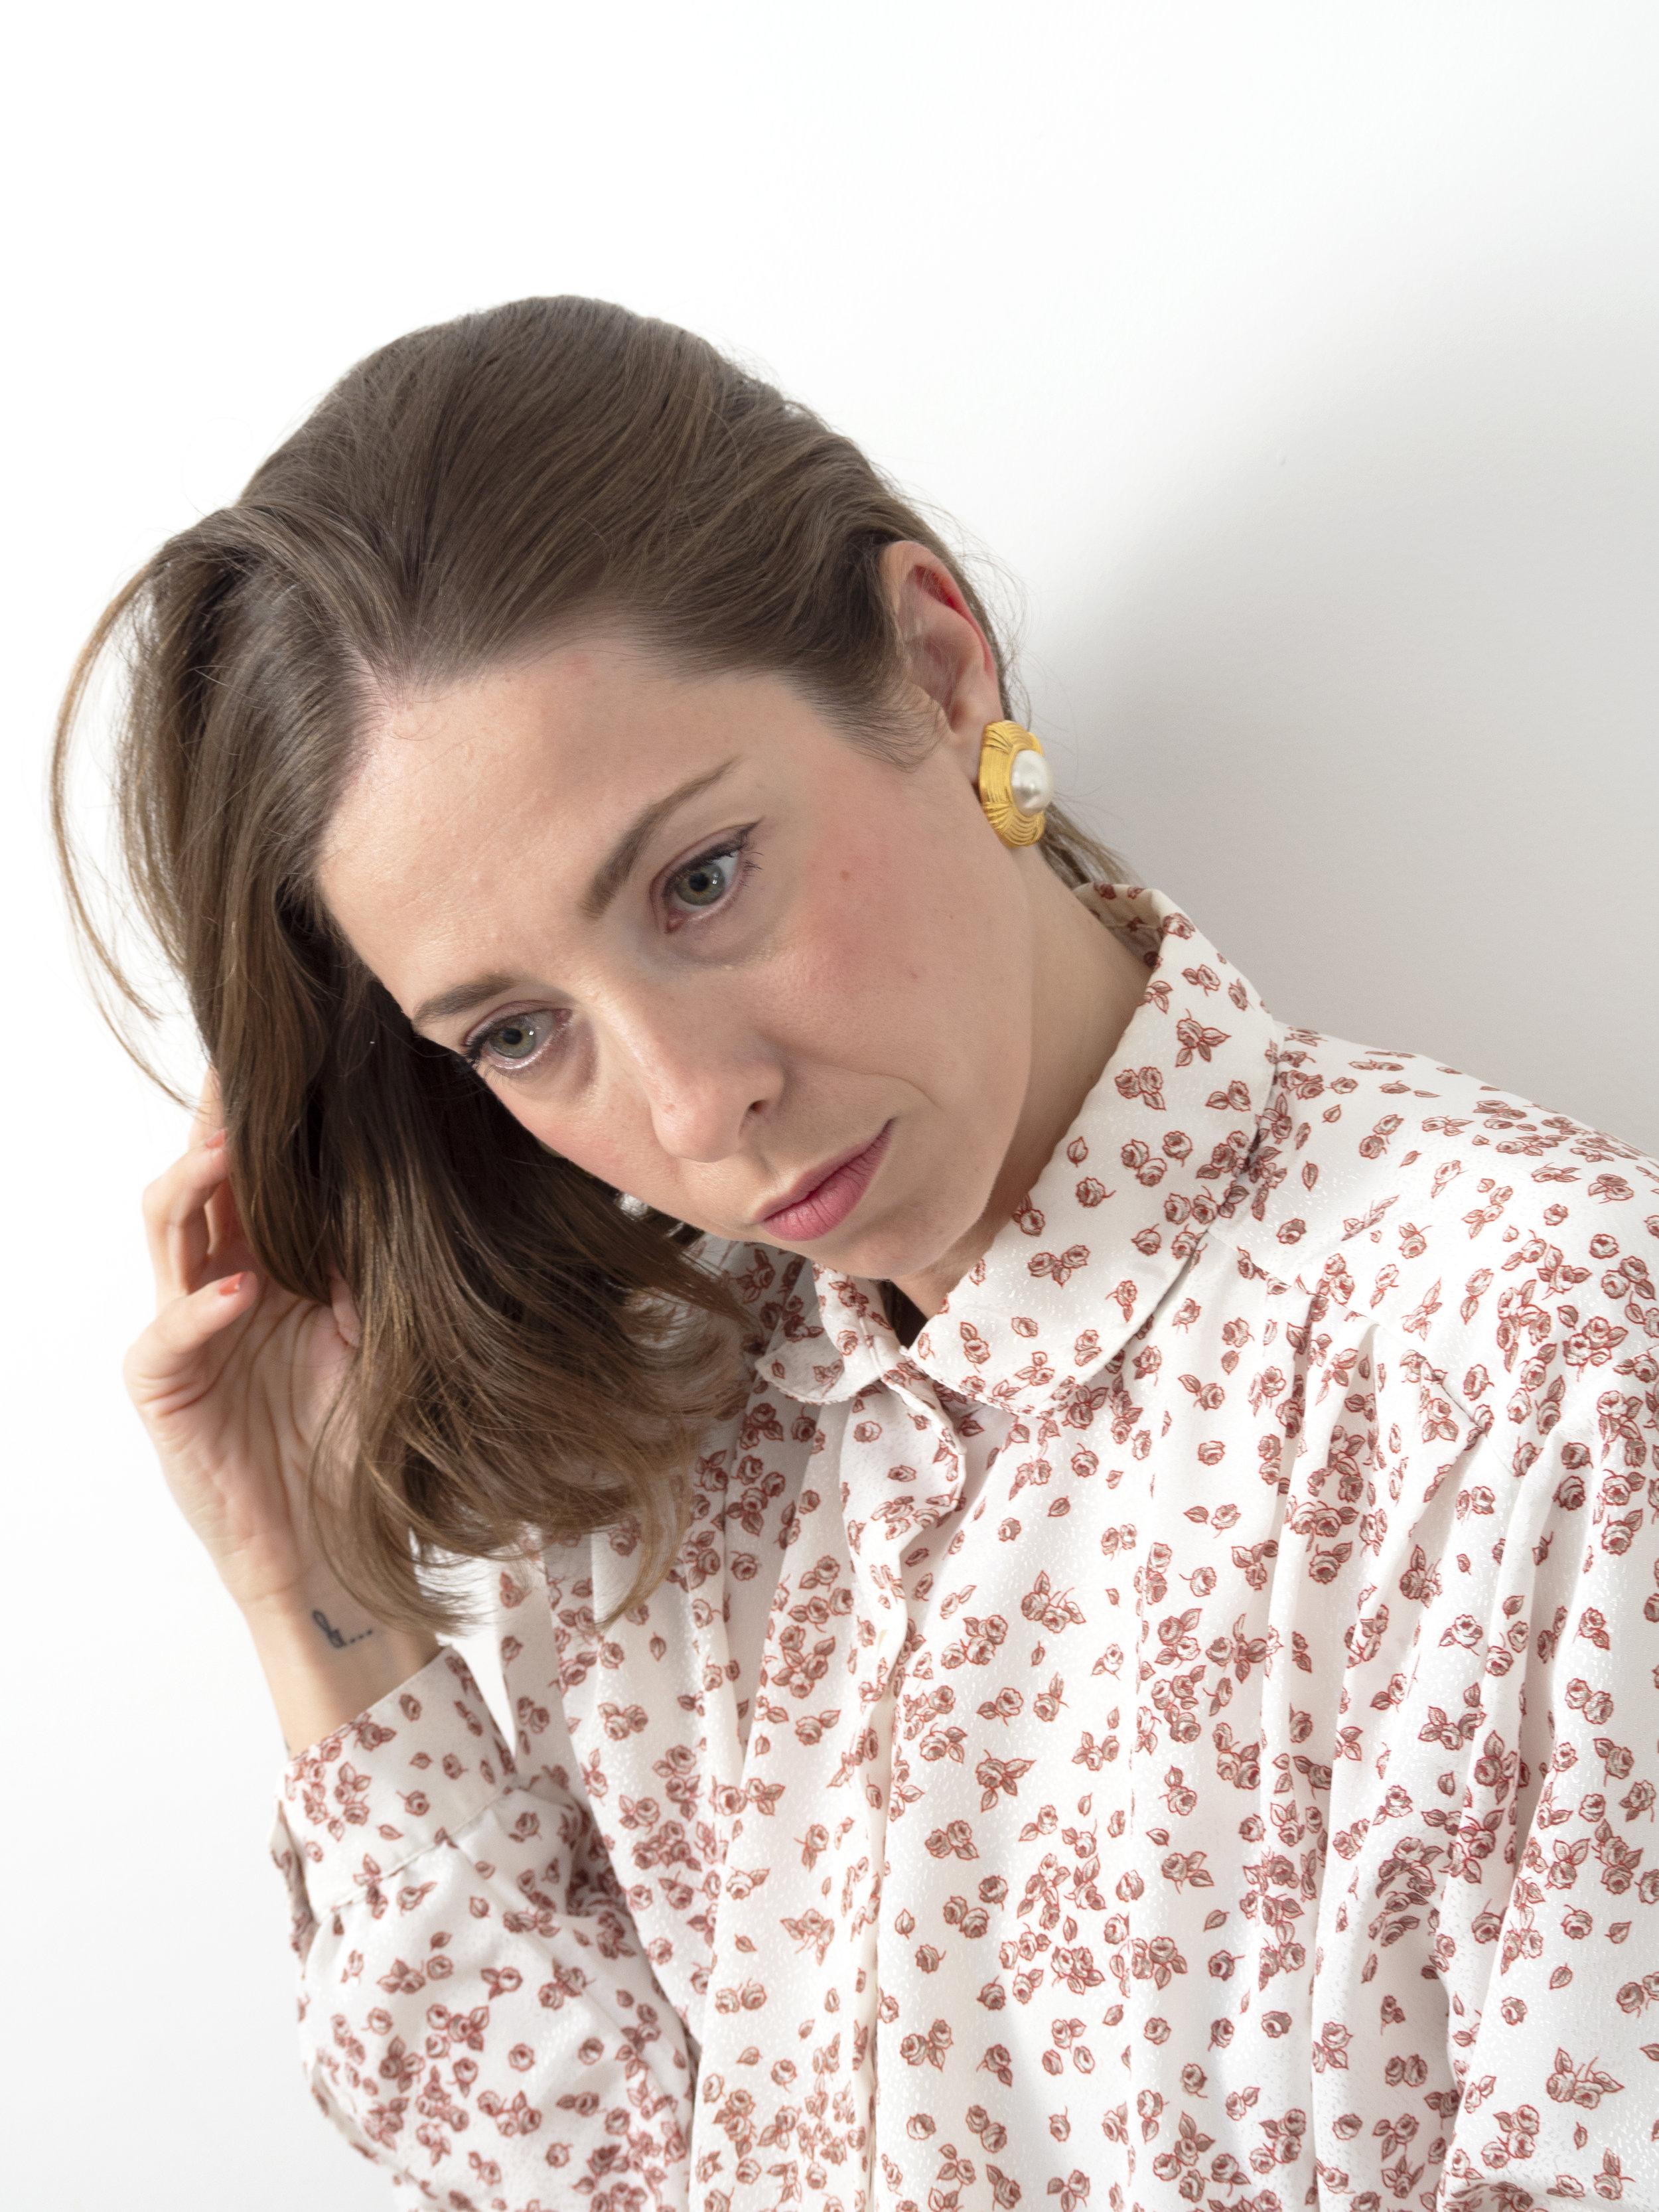 Flor es creadora y curadora de contenido visual, Imagen de marca, y Diseño.  En la foto, Flor viste camisa y pendientes de Neko vintage clothes.